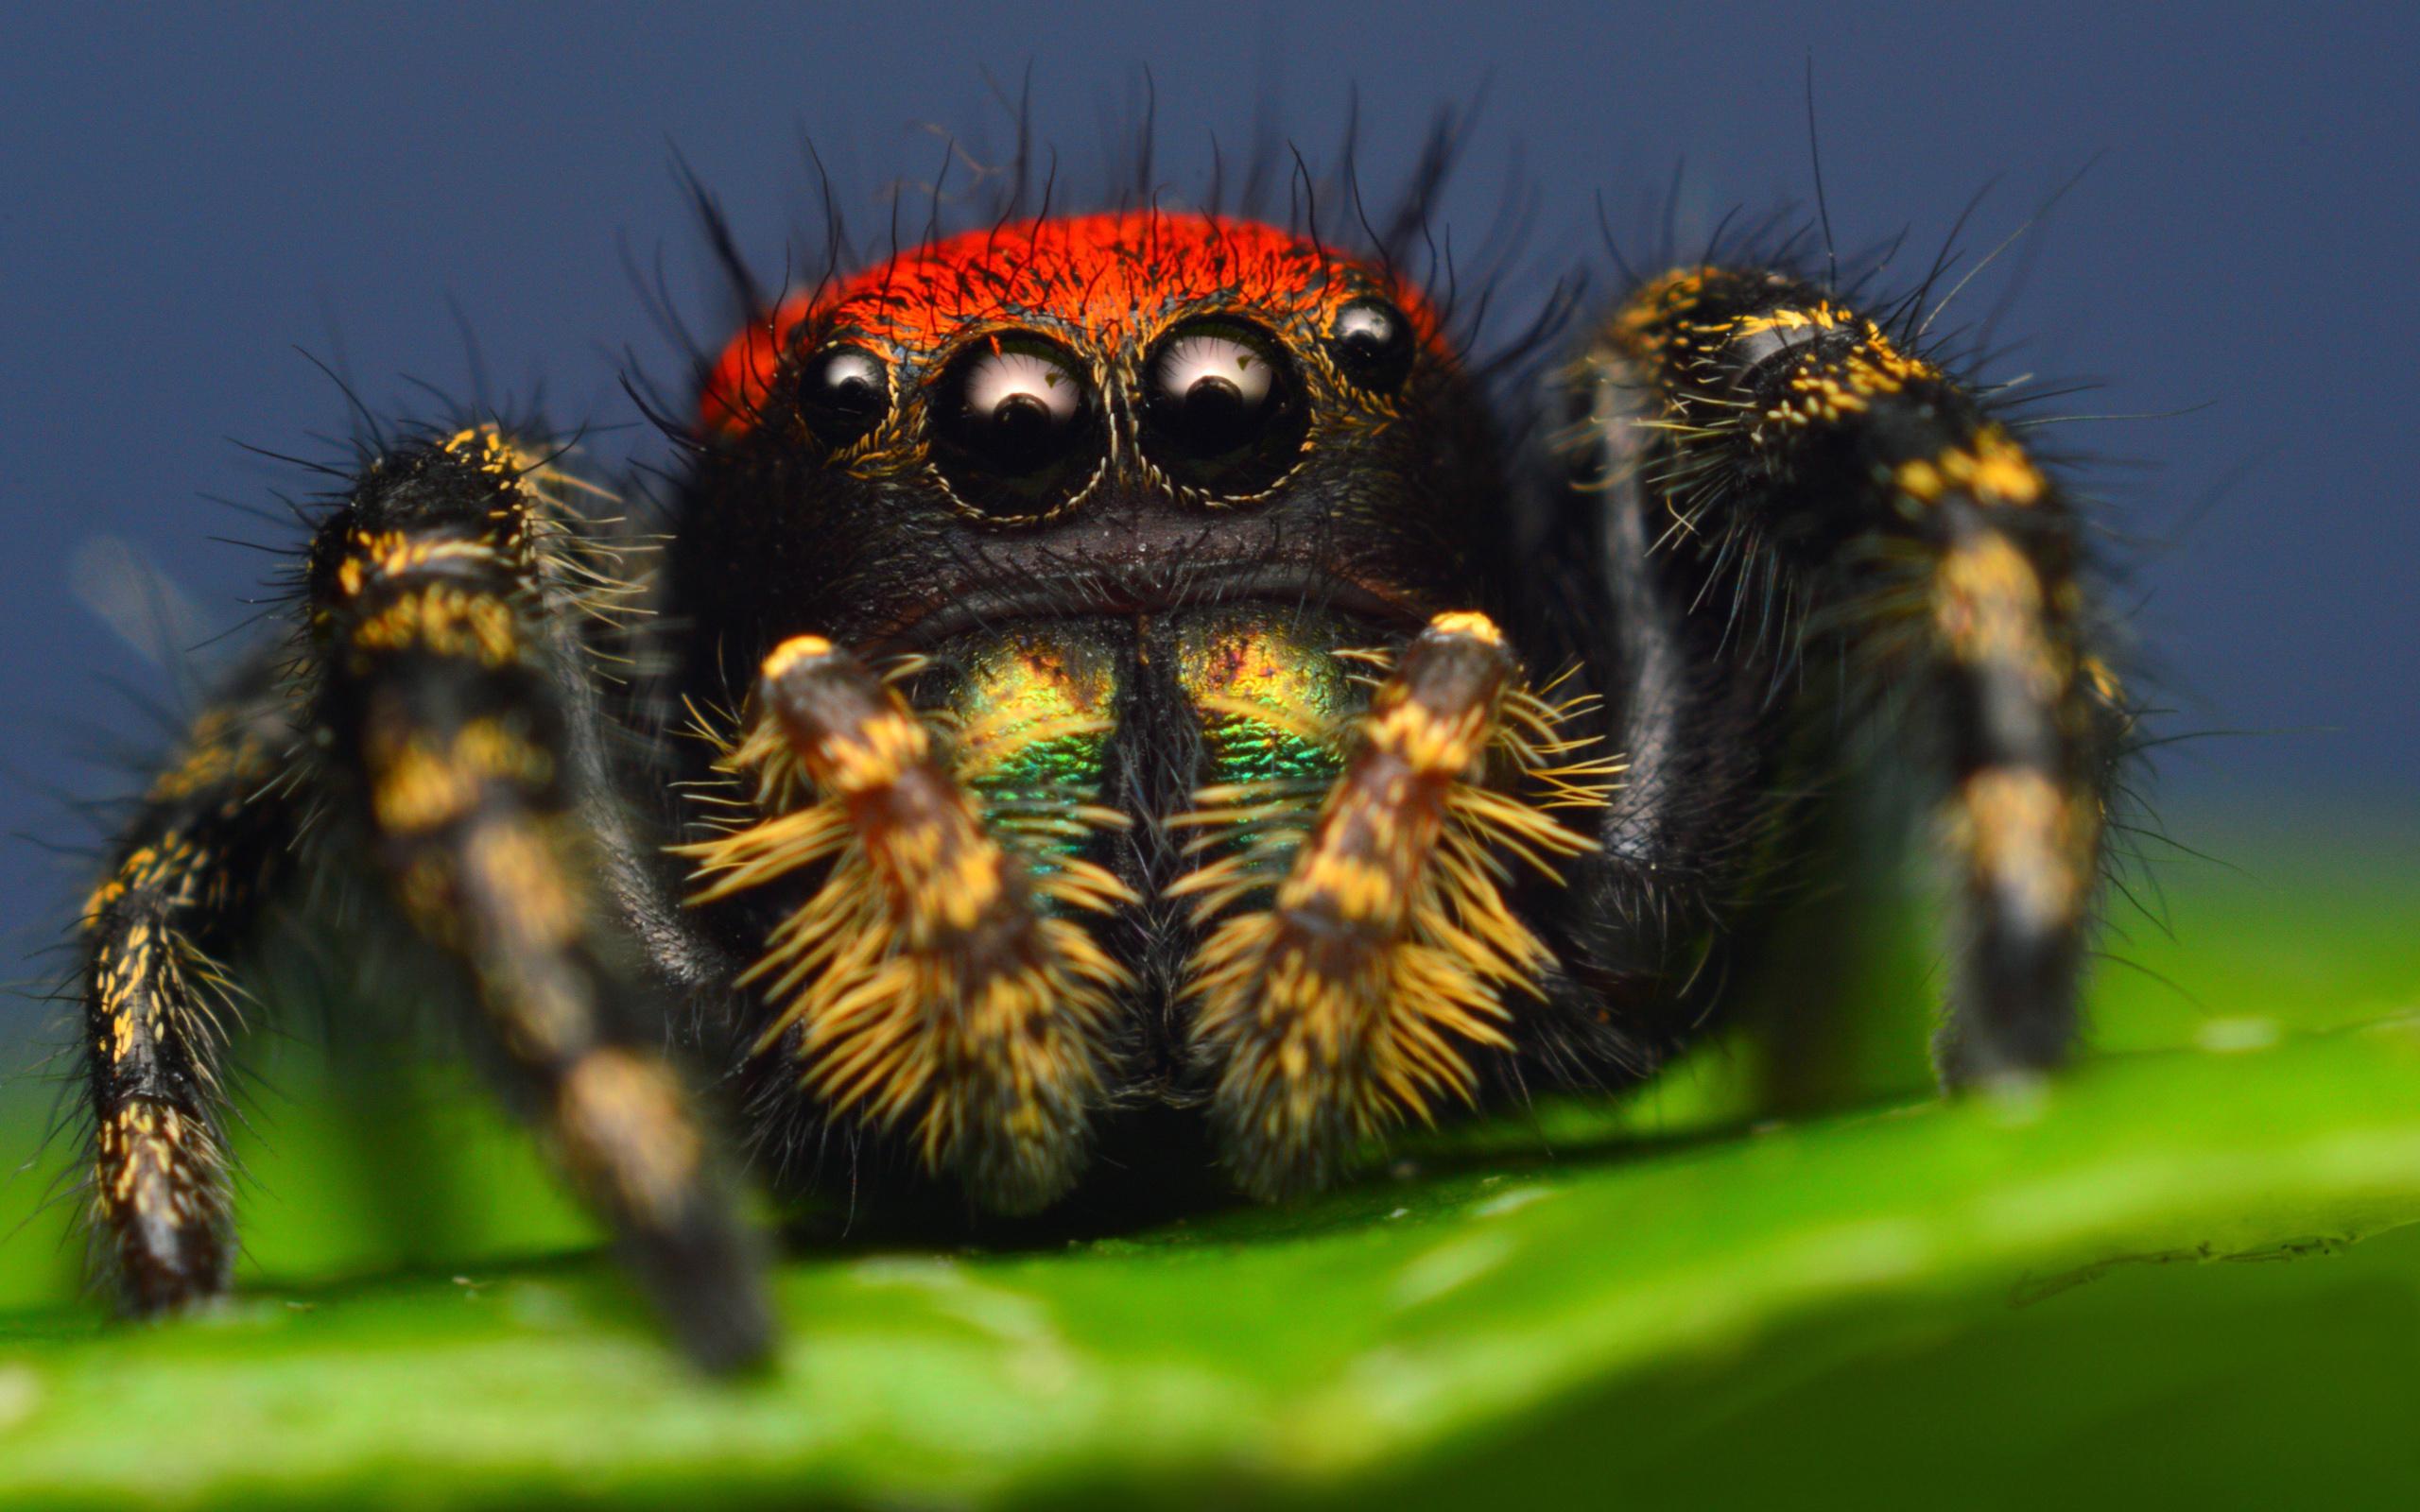 Паук скакун, насекомое паук картинки, макросъемка, животные, 2560 на 1600 пикселей